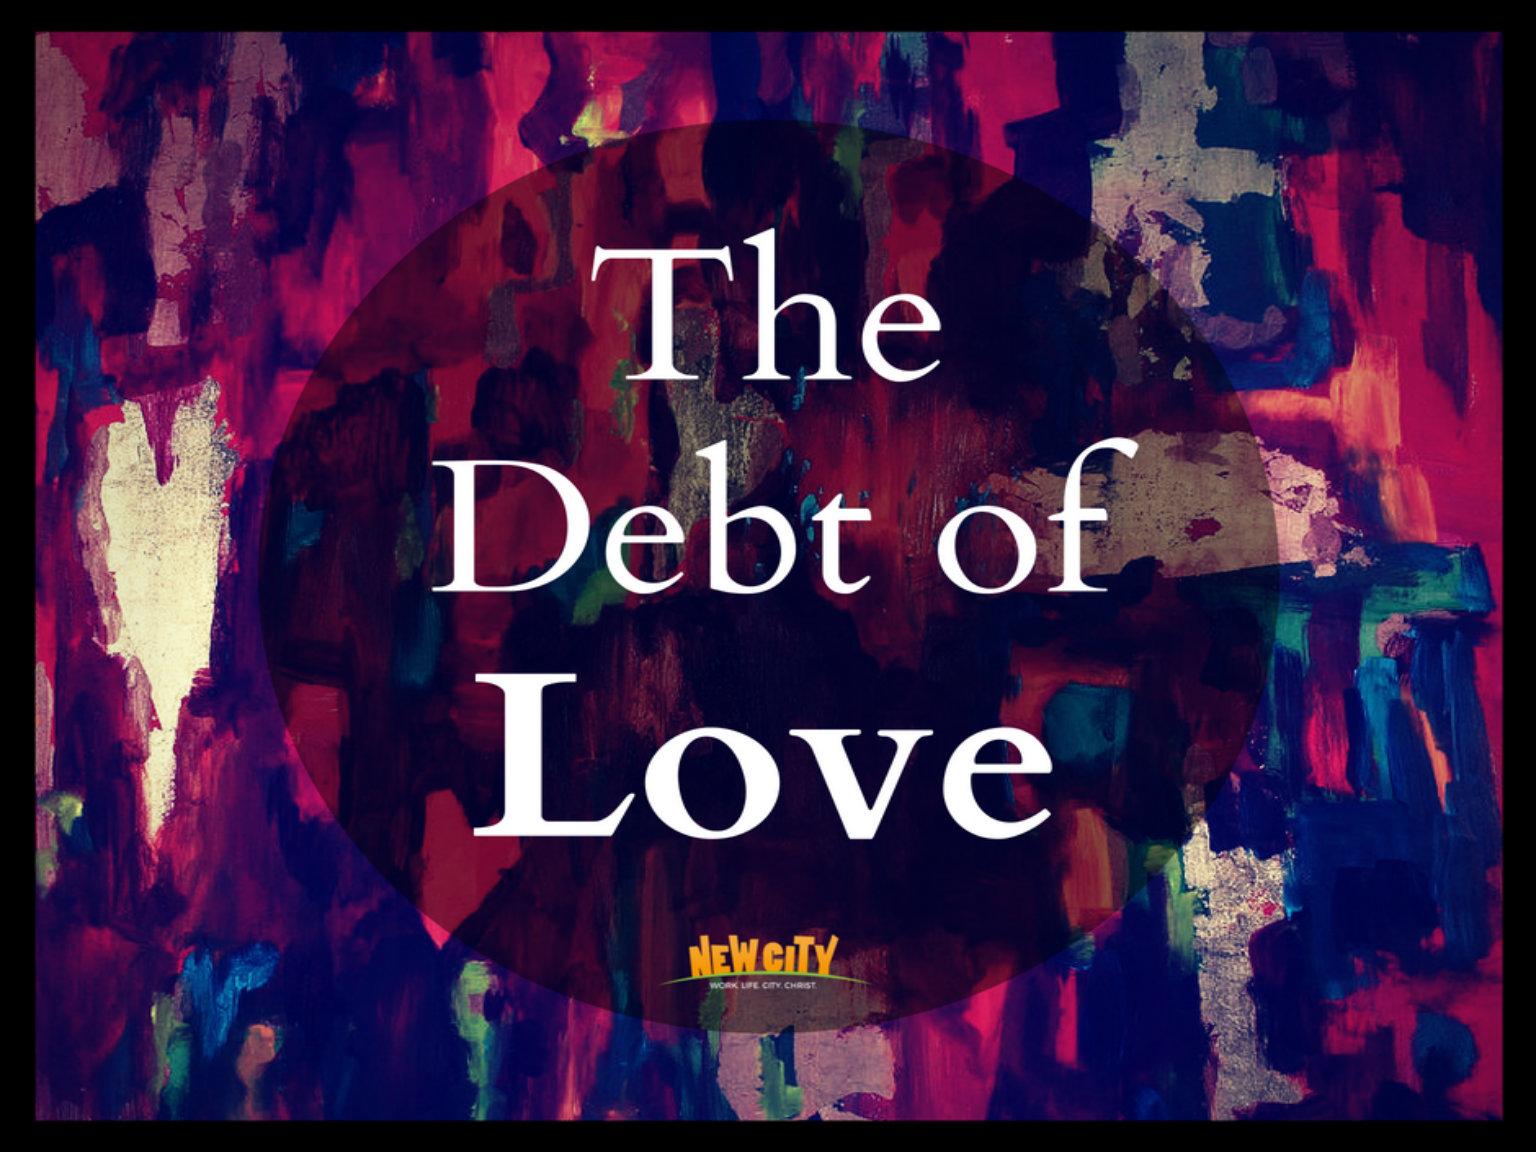 The Debt Of Love - Steven Kanga Image